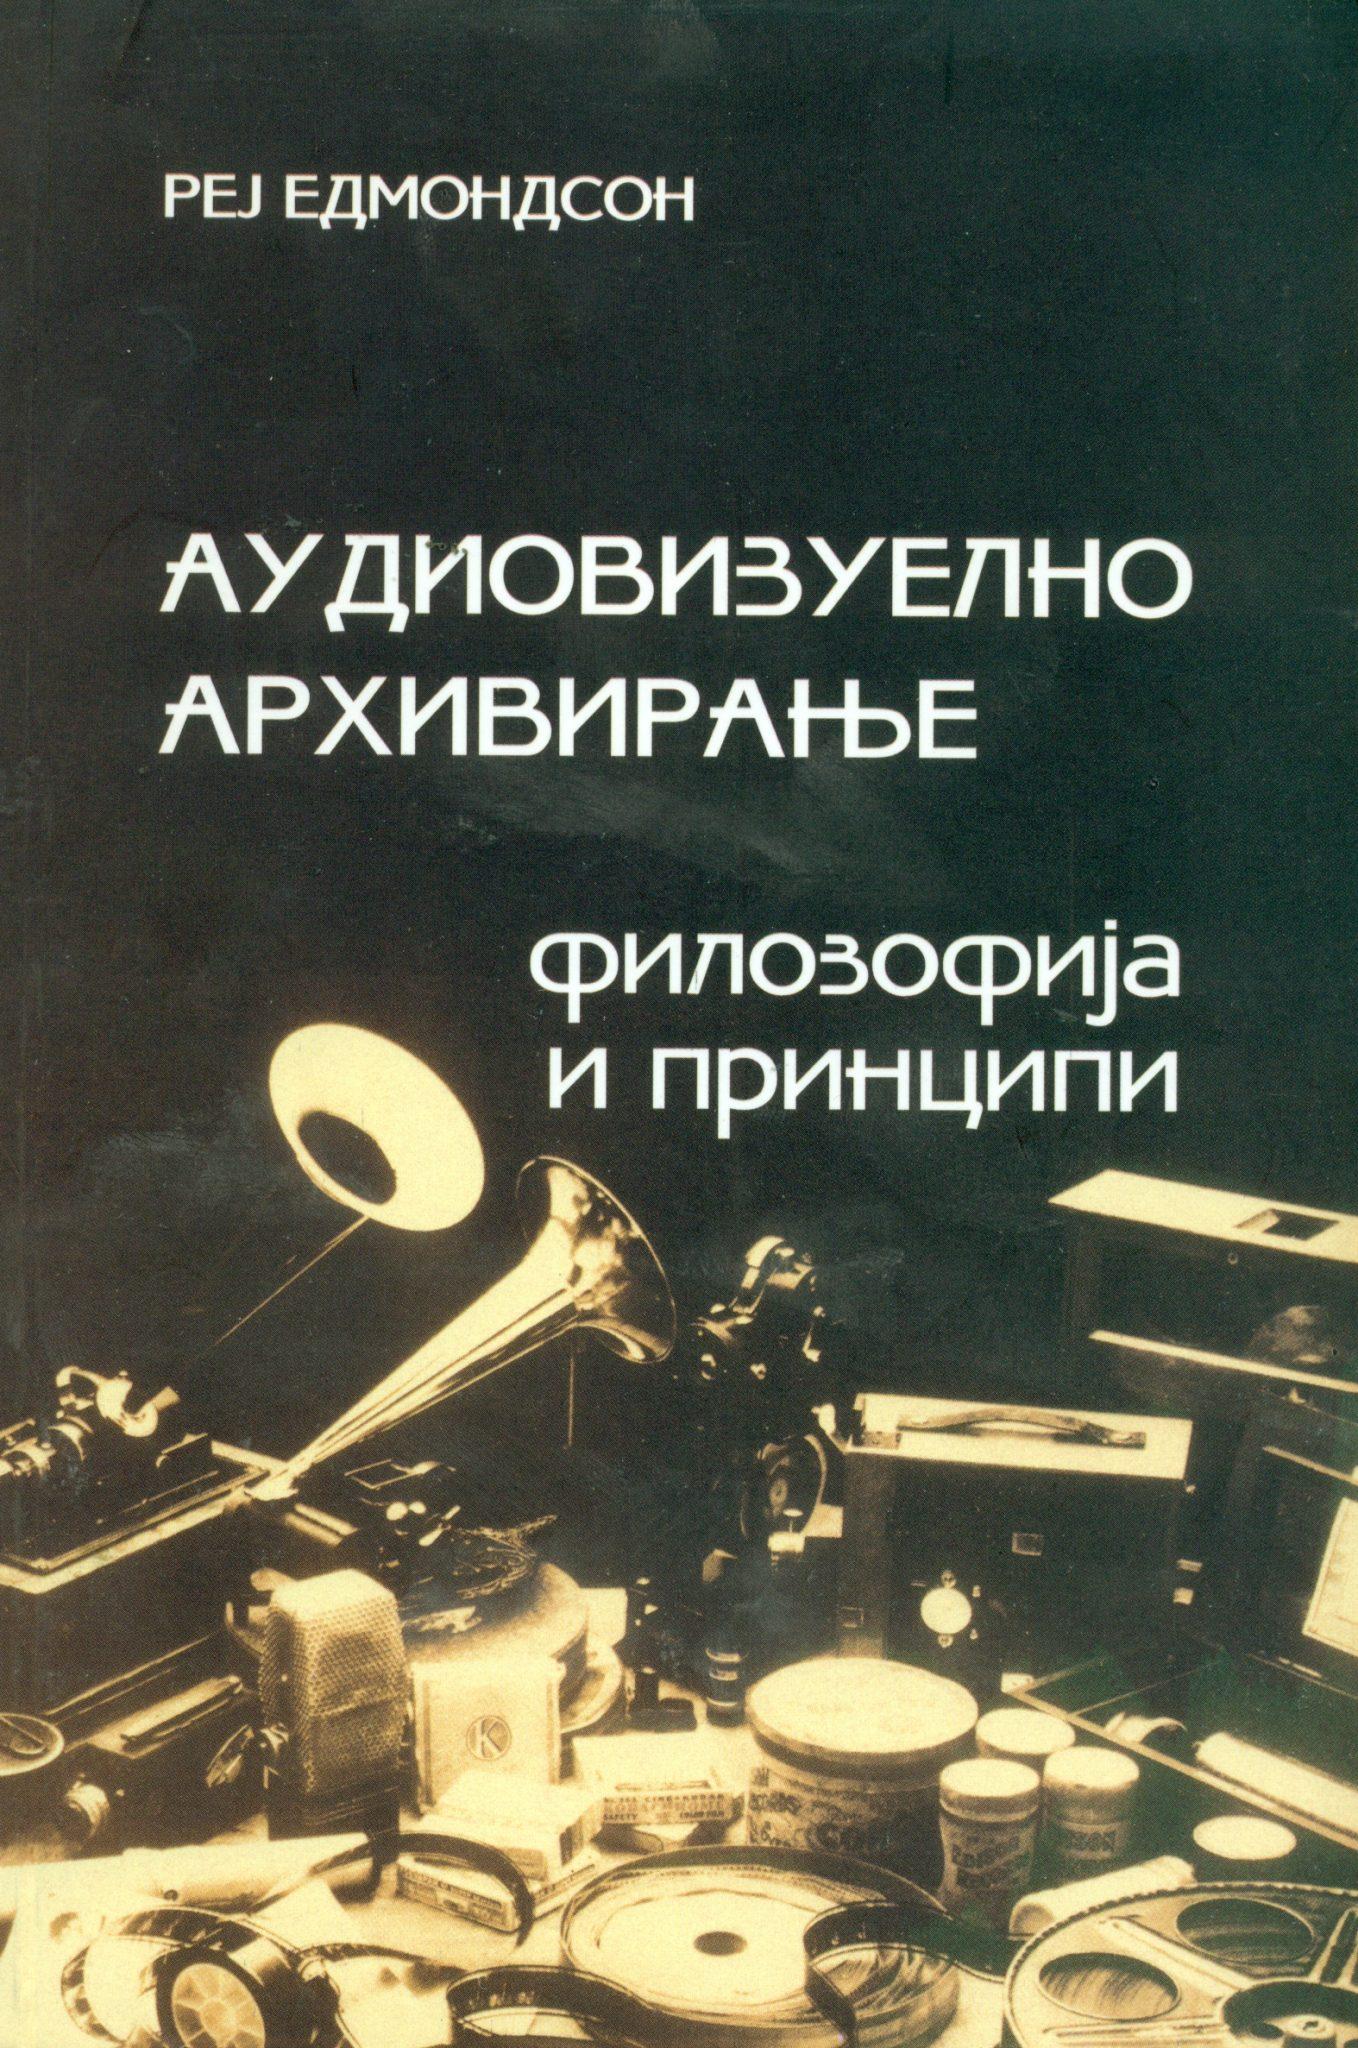 Аудиовизуелно архивирање: Филозофија и принципи